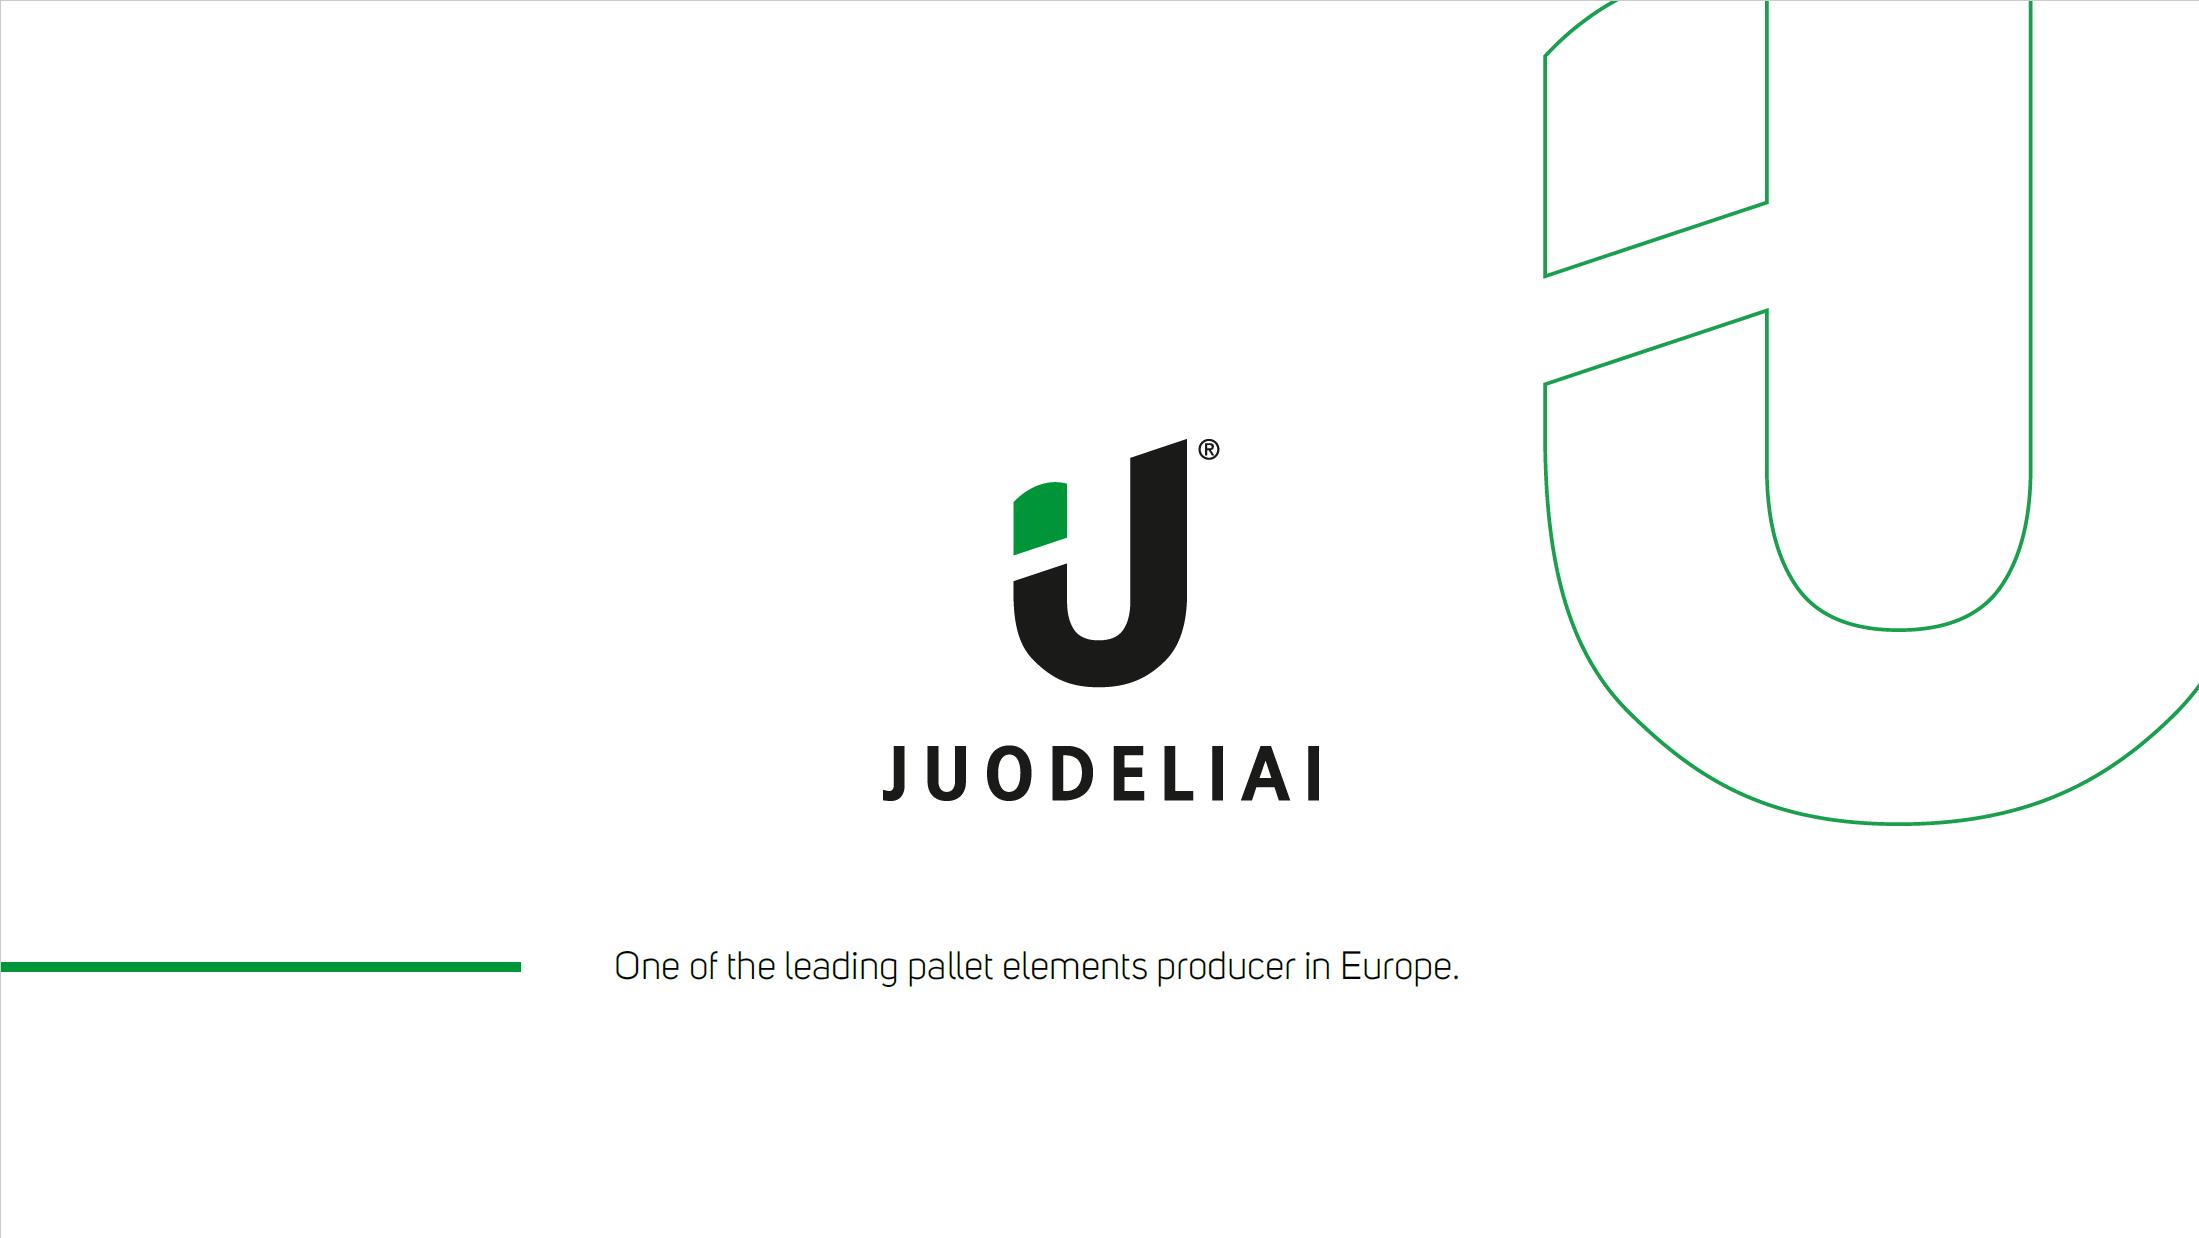 UAB Juodeliai ist einer der führenden Hersteller von Palettenelementen in Europa